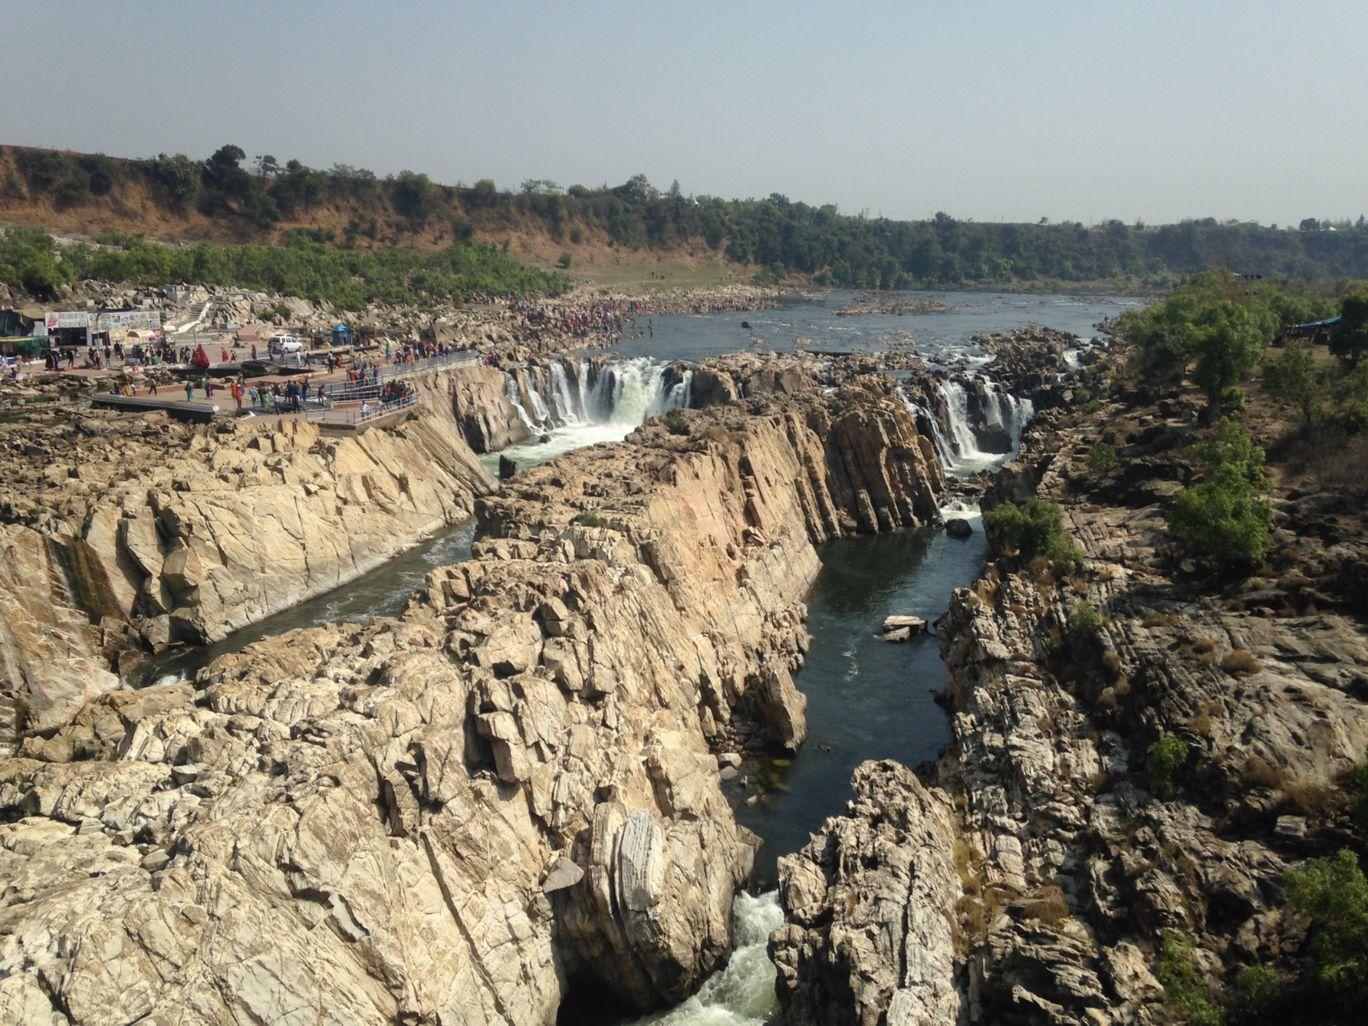 Photo of Dhuandhar Water Fall By Saraswat Rit